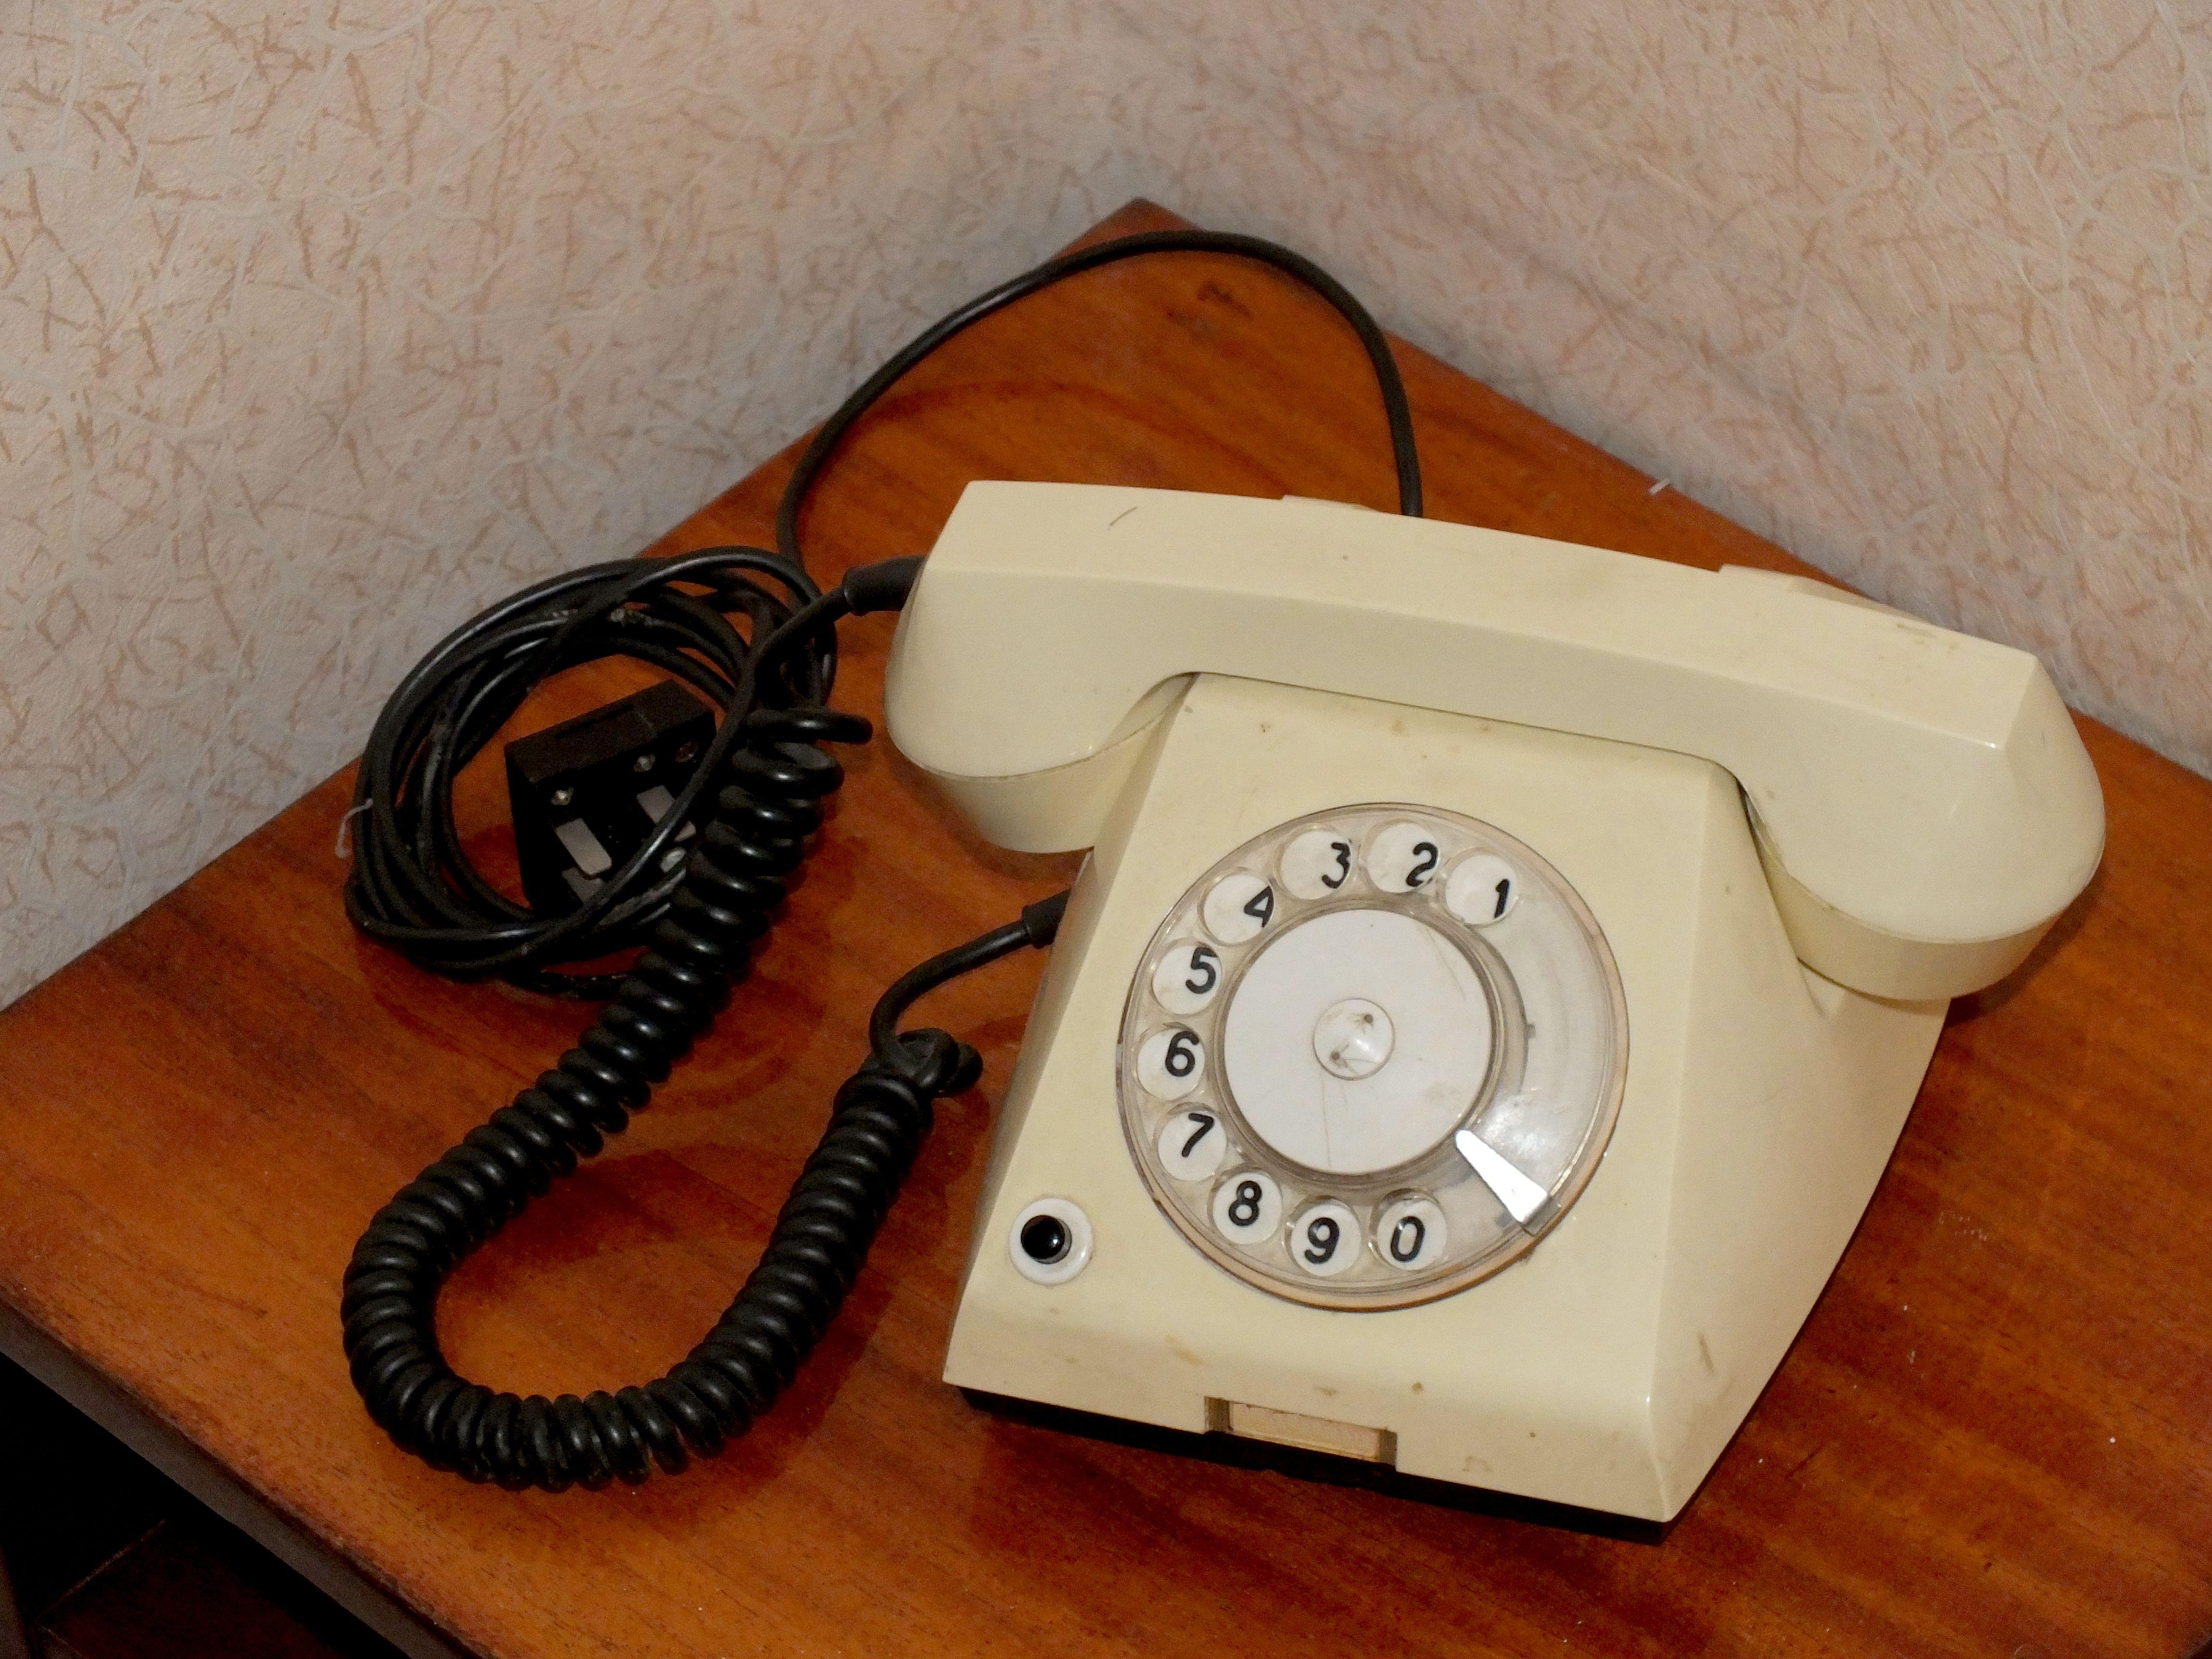 Подключаем стационарный телефон